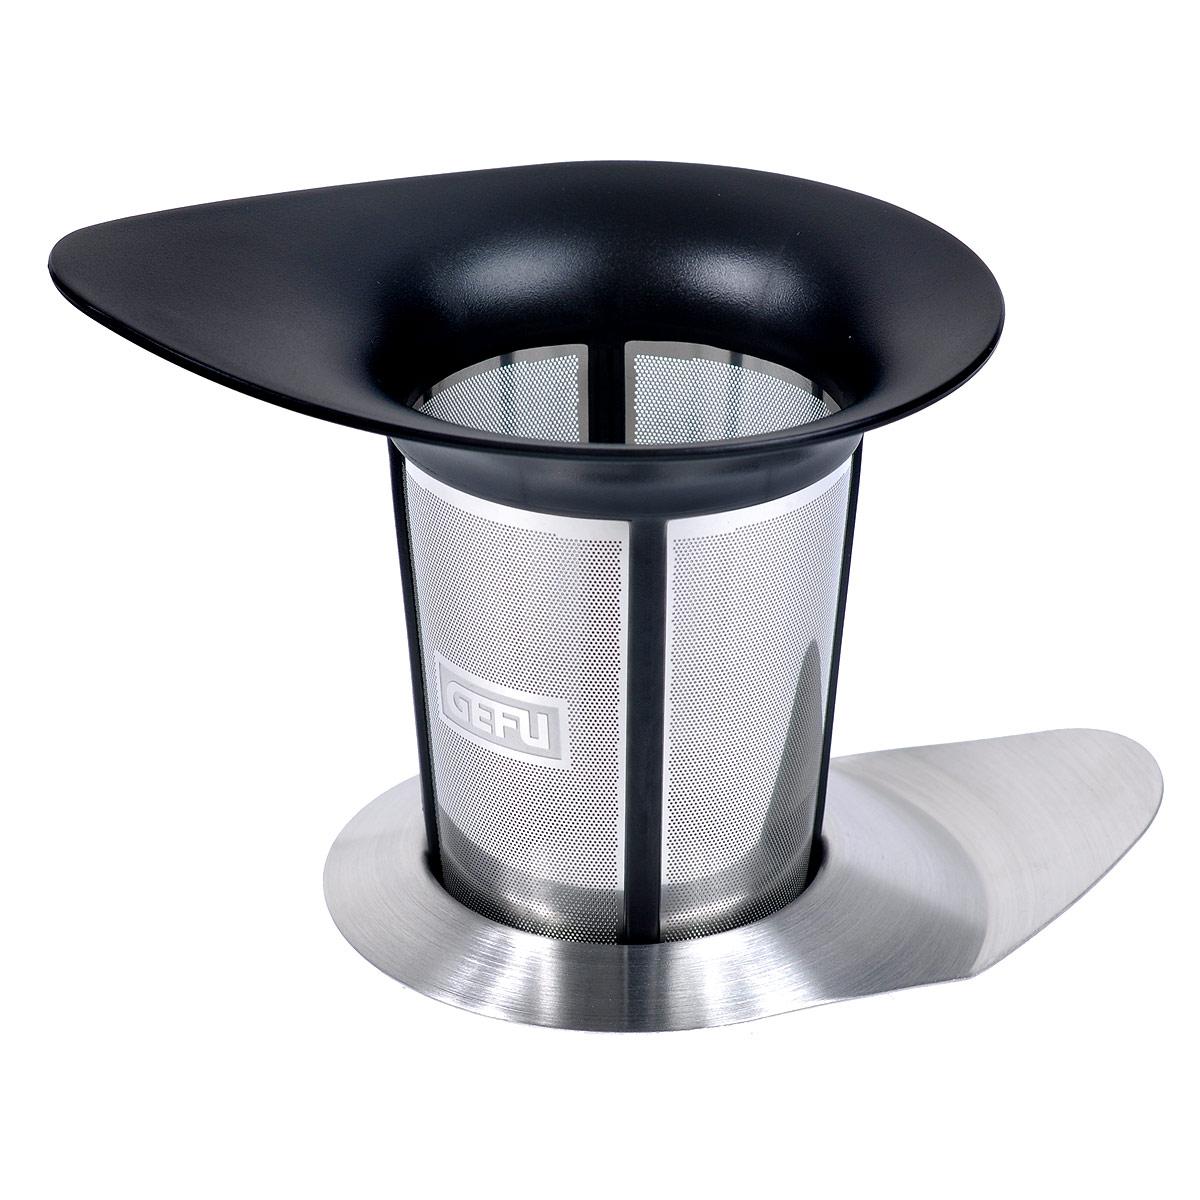 Сито для заваривания чая Gefu Армониа12900Сито Gefu Армониа, выполненное из высококачественного пластика черного цвета и нержавеющей стали прекрасно подойдет для заваривания чая прям в чашке. Насладитесь неповторимой чайной церемонией, используя фильтр Армониа, который можно поместить в чашку или в чайник. Несмотря на большой объем, Армониа обеспечивает насыщенный аромат и прекрасный вкус, так как имеет особую структуру микрофильтрации. Любители чая непременно оценят изящную и функциональную крышку из нержавеющей стали, которая сохранит аромат, а так же пригодится как подставка, на которую можно поместить фильтр после использования.Можно мыть в посудомоечной машине. Характеристики:Материал: высококачественный пластик, нержавеющая сталь. Размер сито: 12 см х9 см х 9,3 см. Размер крышки: 11,5 см х 8 см х 1 см. Цвет: серебристый, черный. Артикул: 12900.